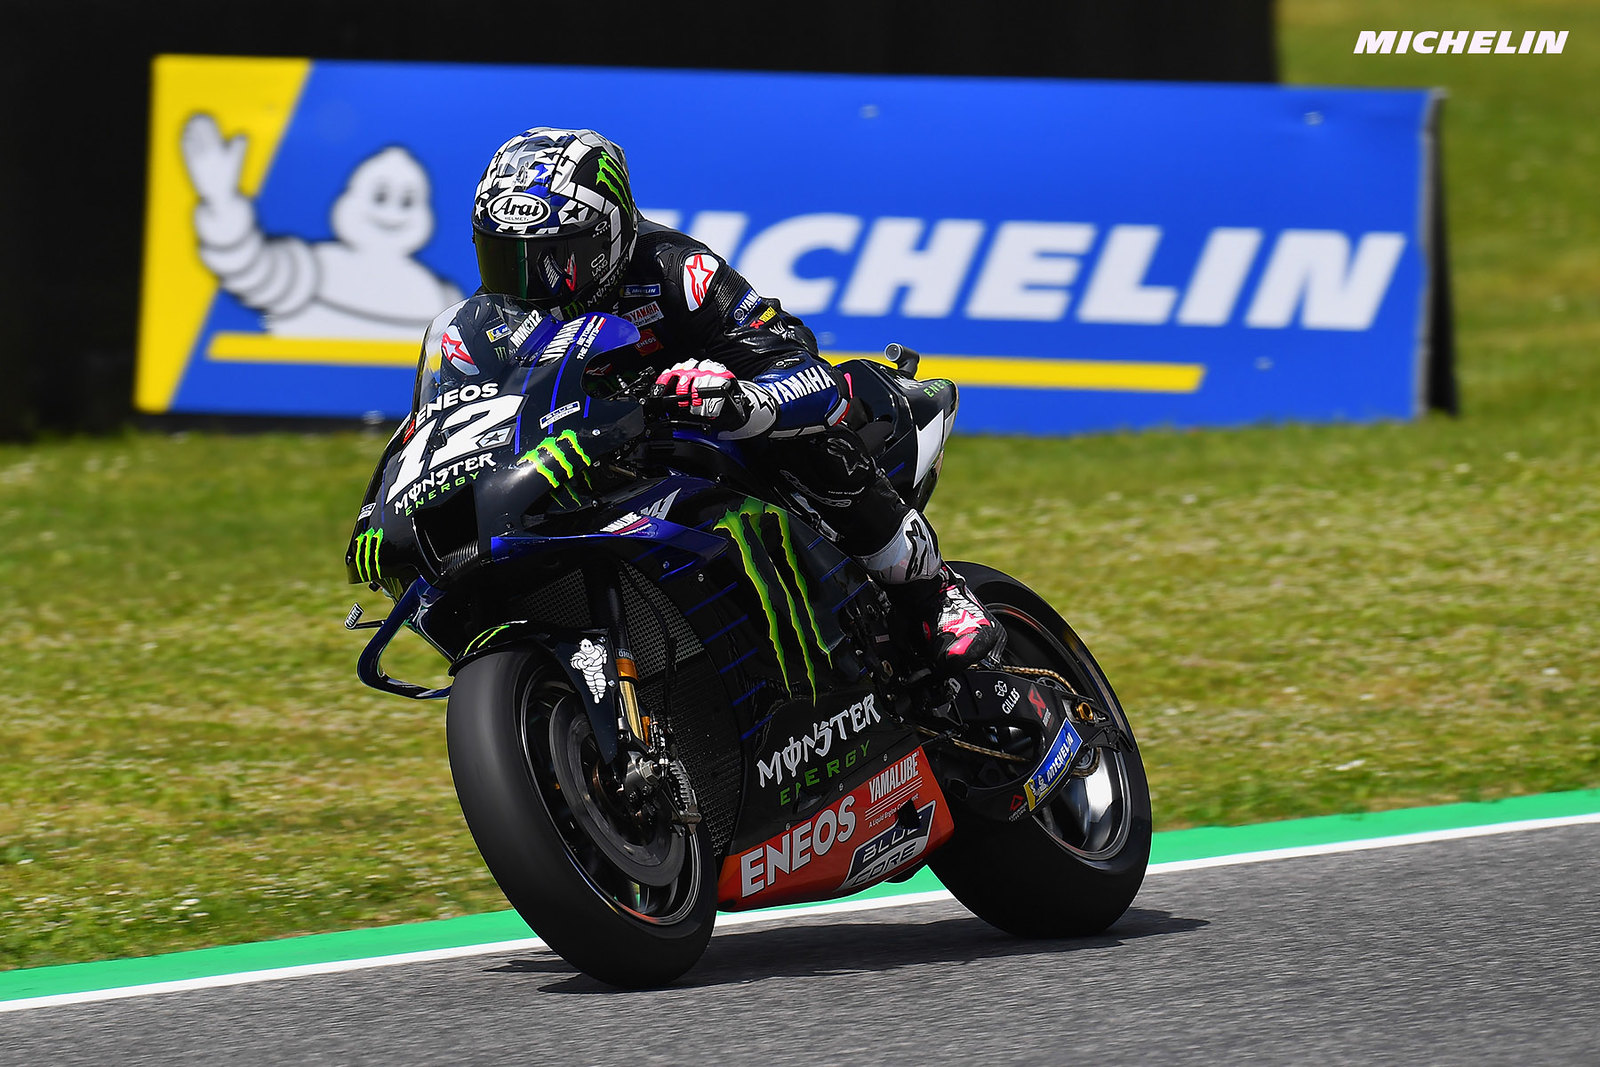 MotoGP2021イタリアGP 8位マーべリック・ビニャーレス「ミディアムフロントで苦戦をした」